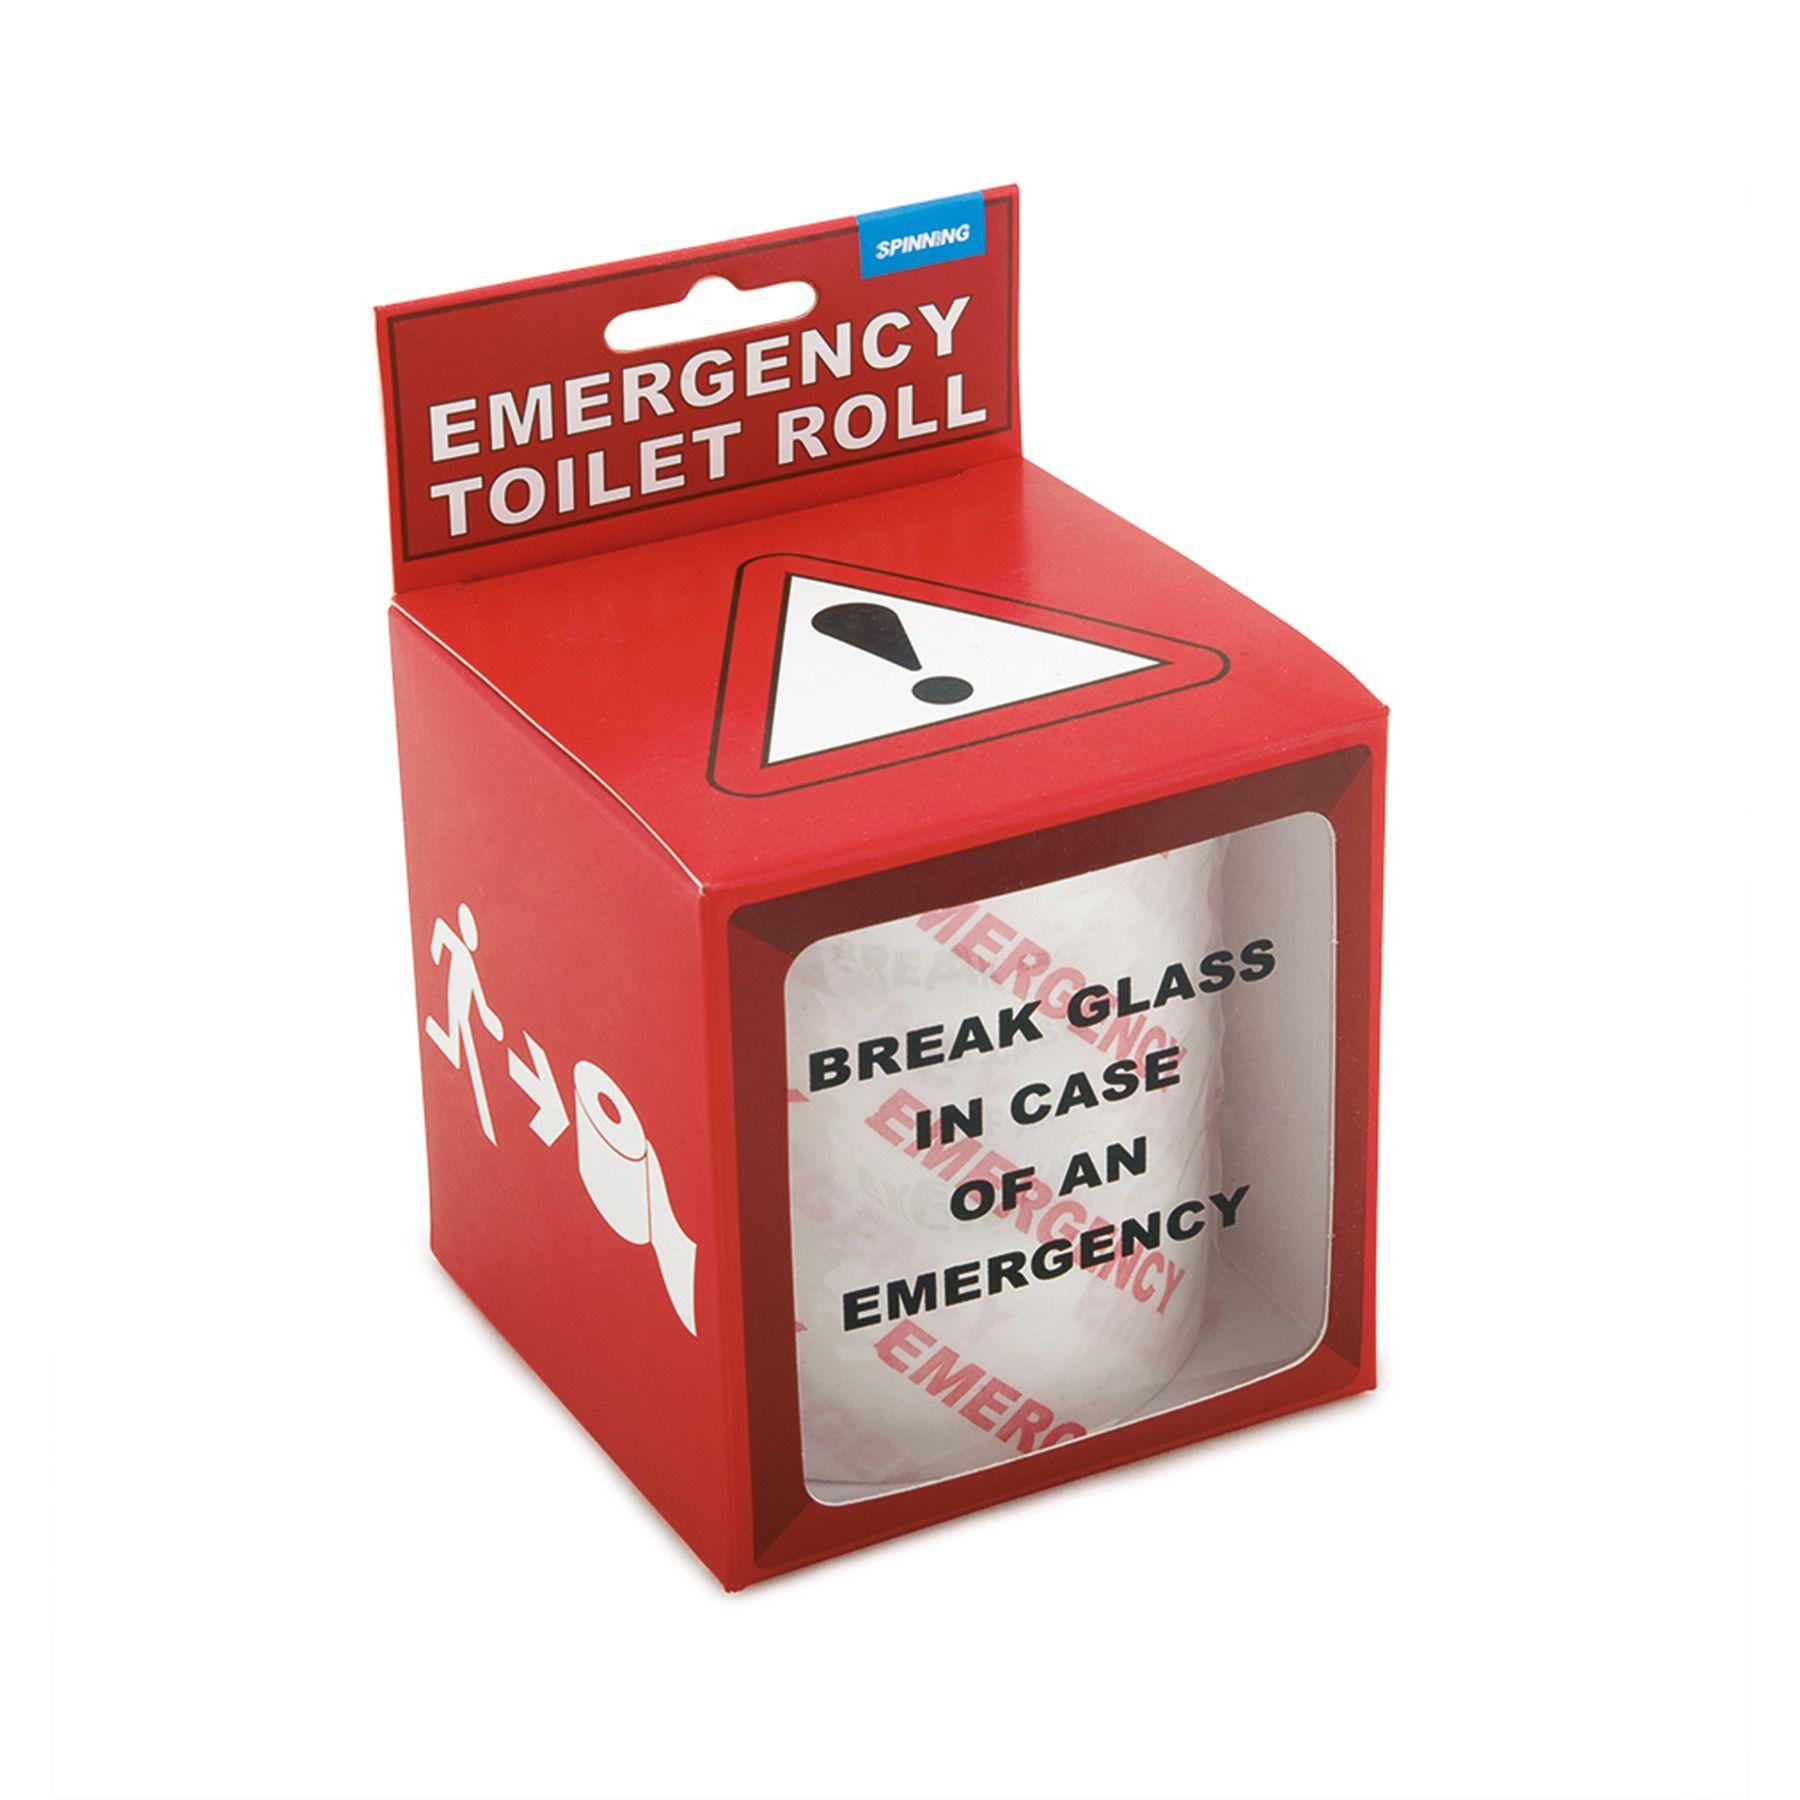 Emergency Toilet Roll Toilet Roll